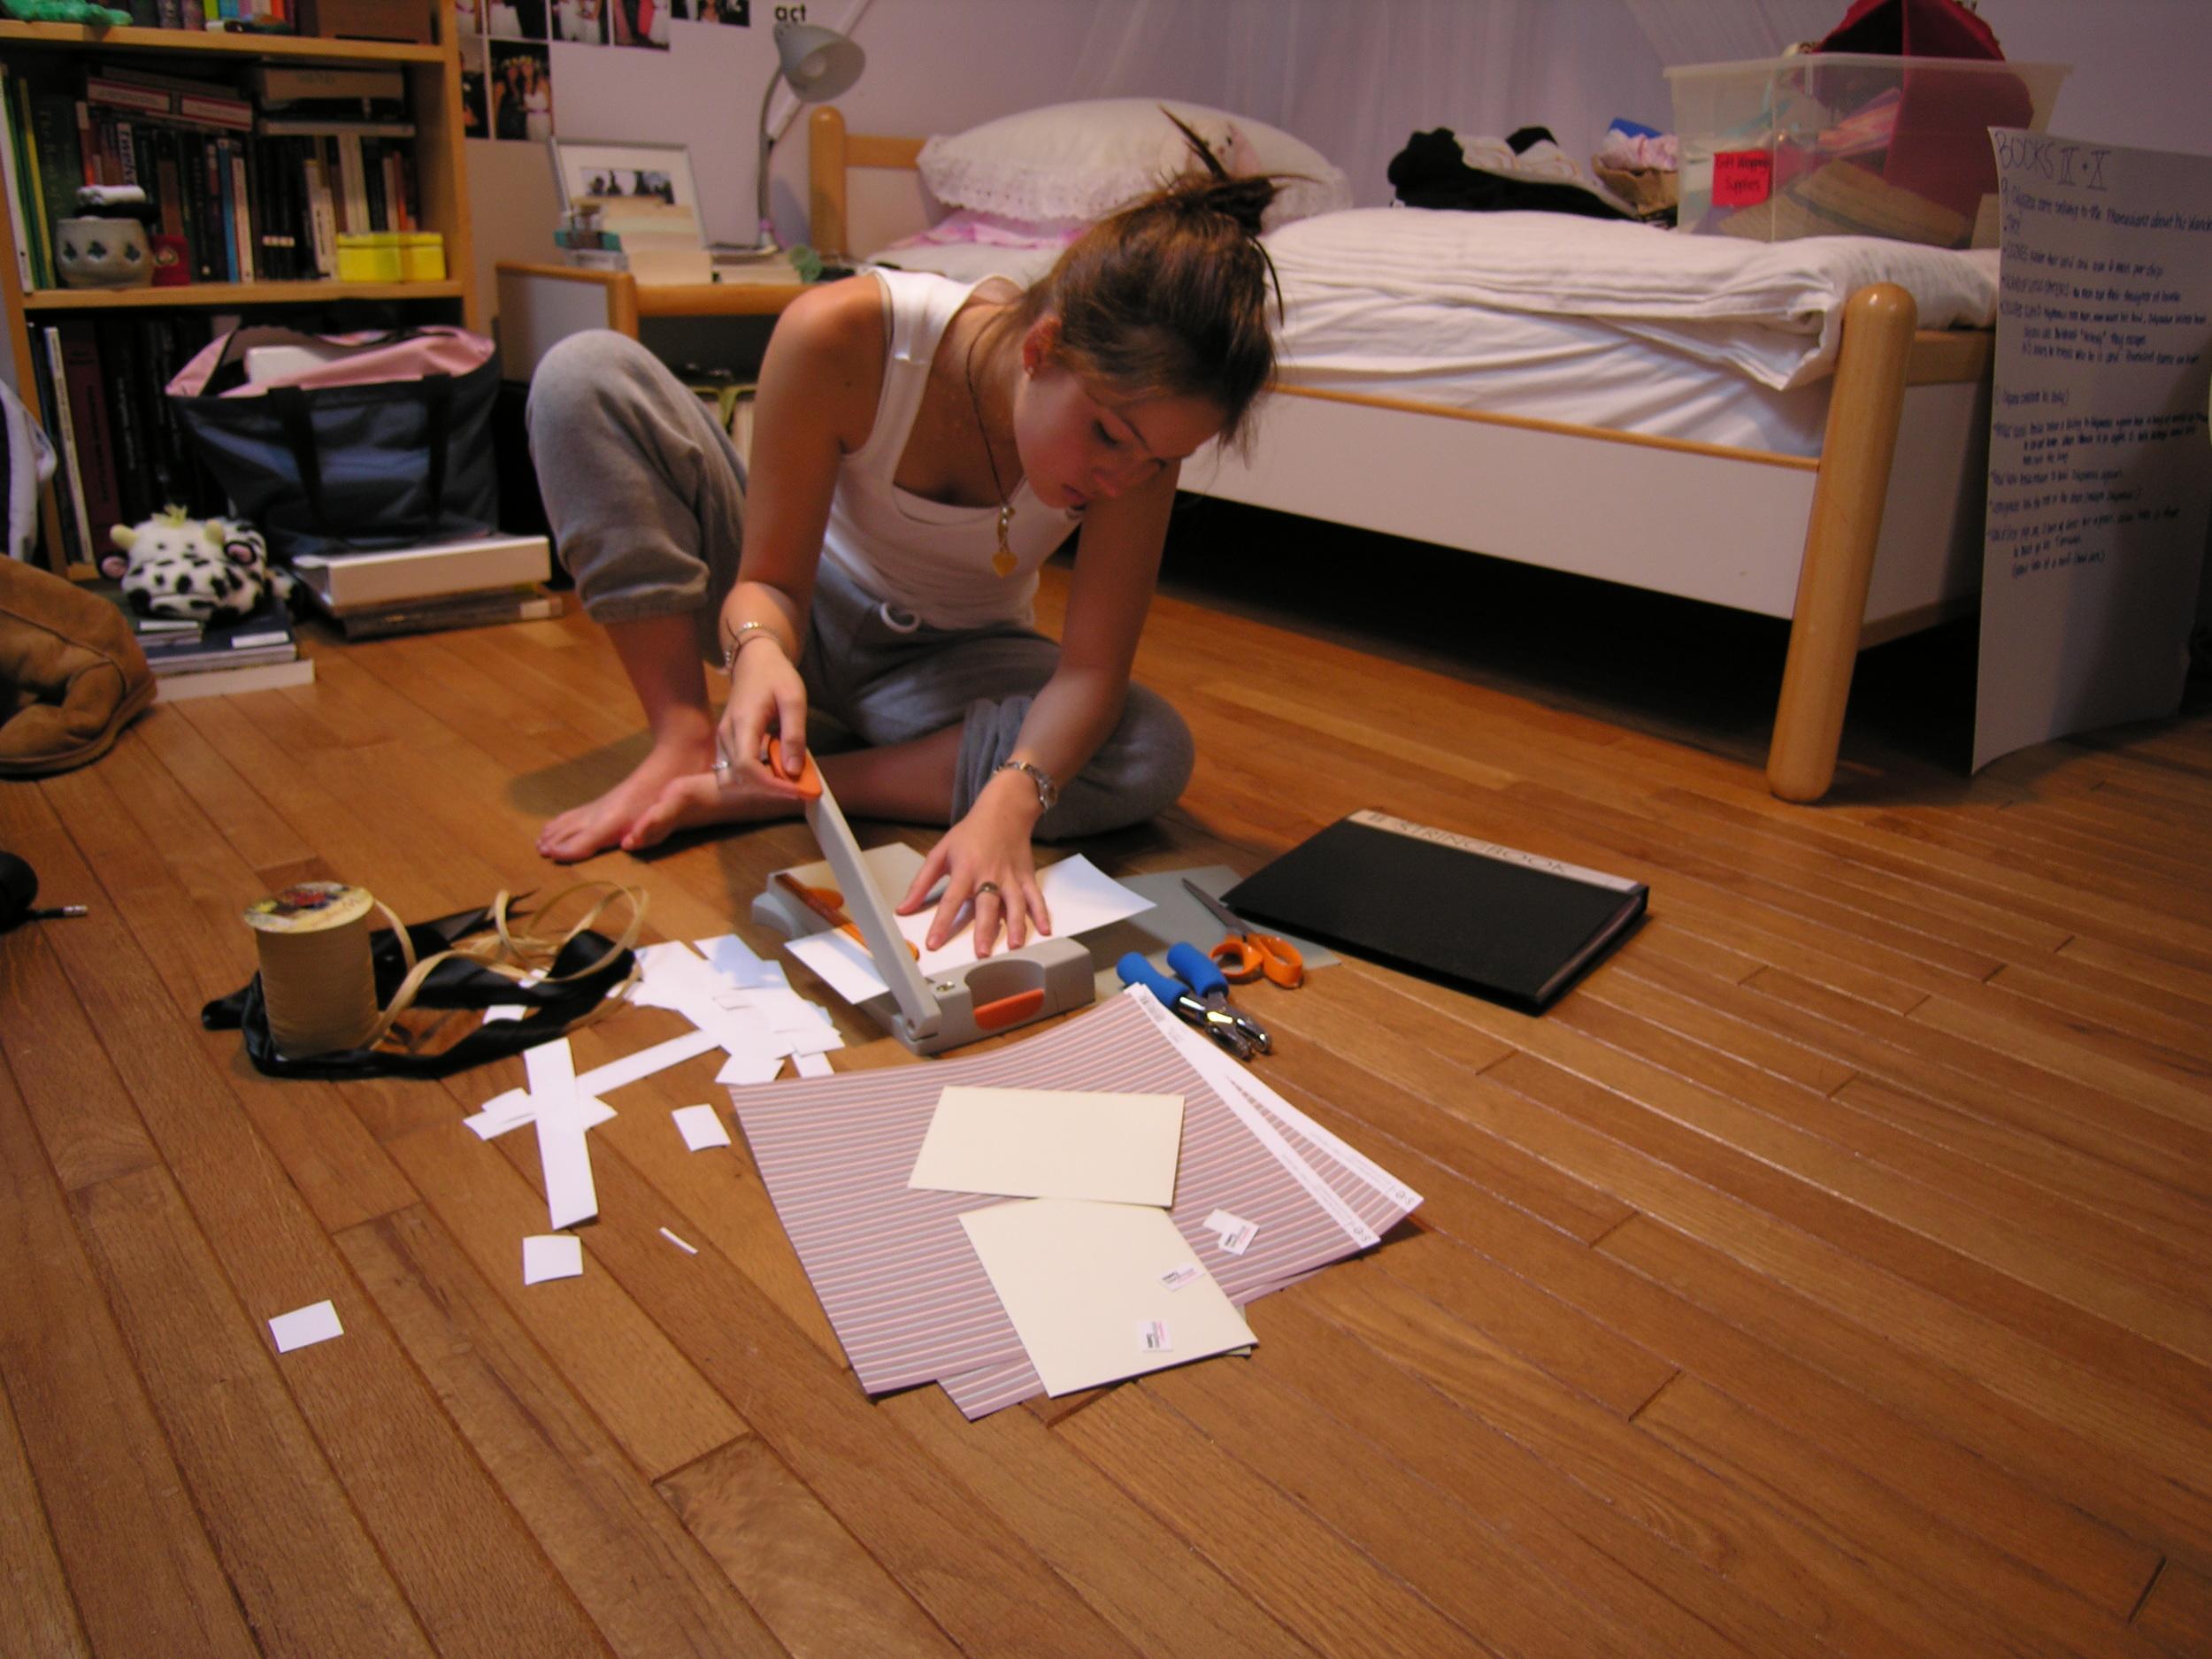 2005: Avoiding homework, making stationery